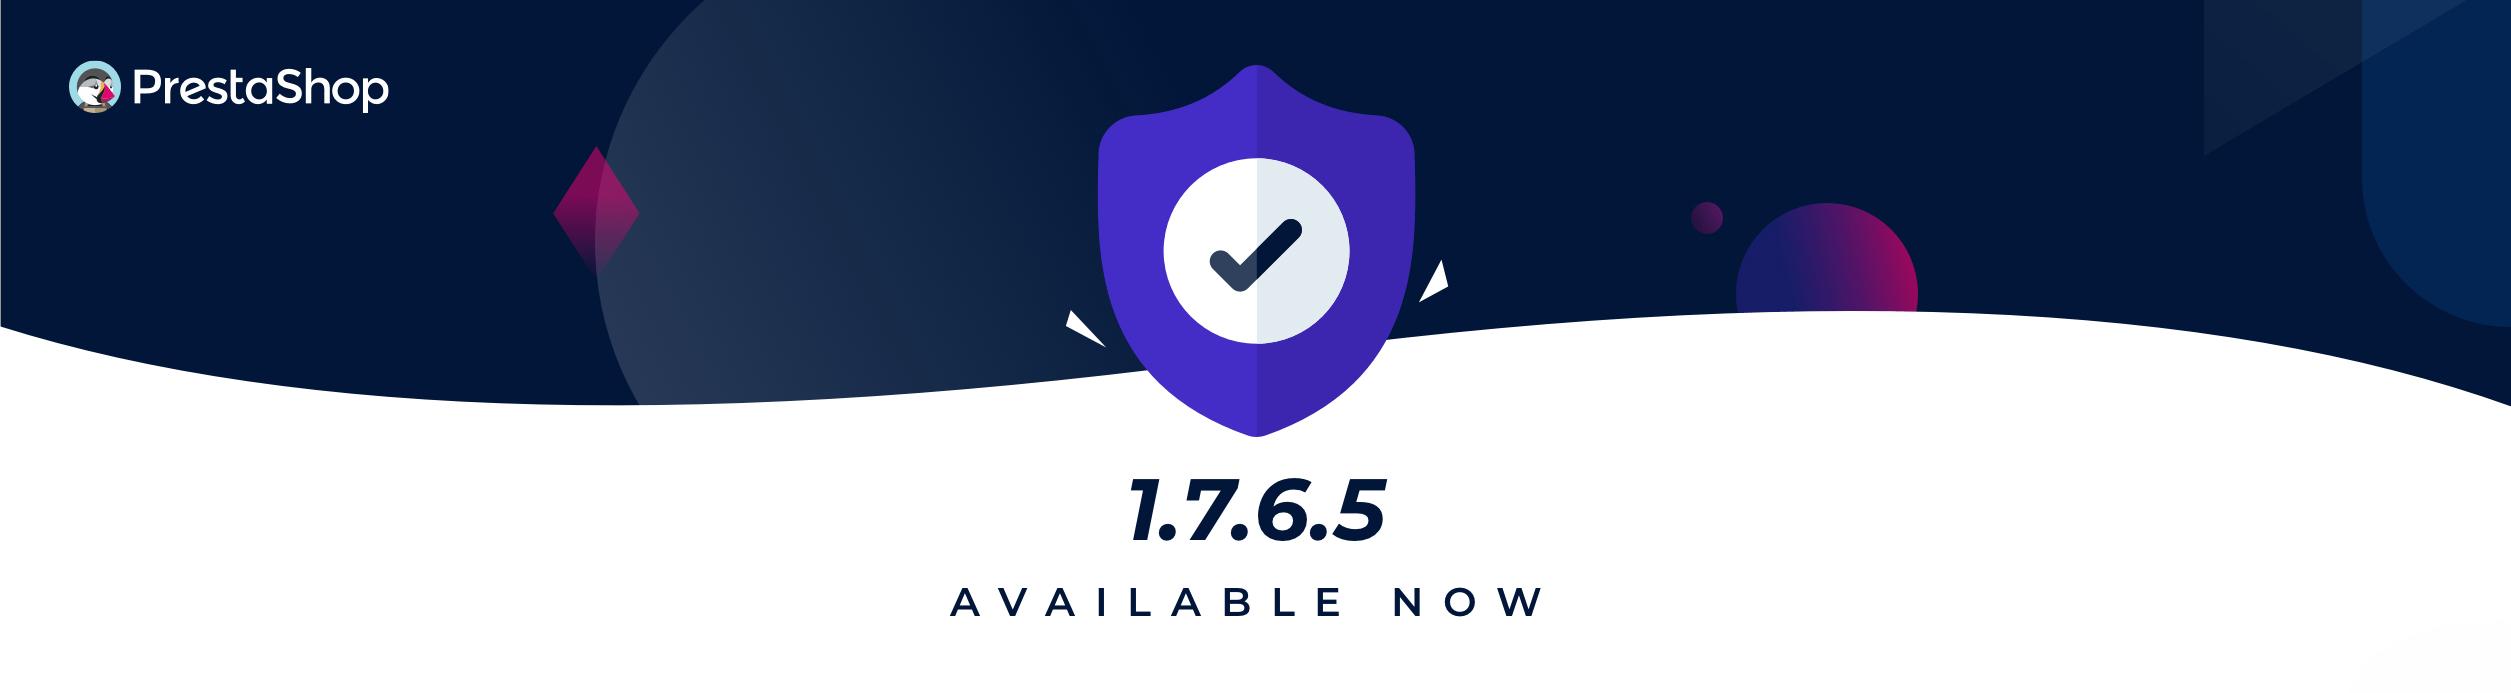 Version 1.7.6.5 de PrestaShop